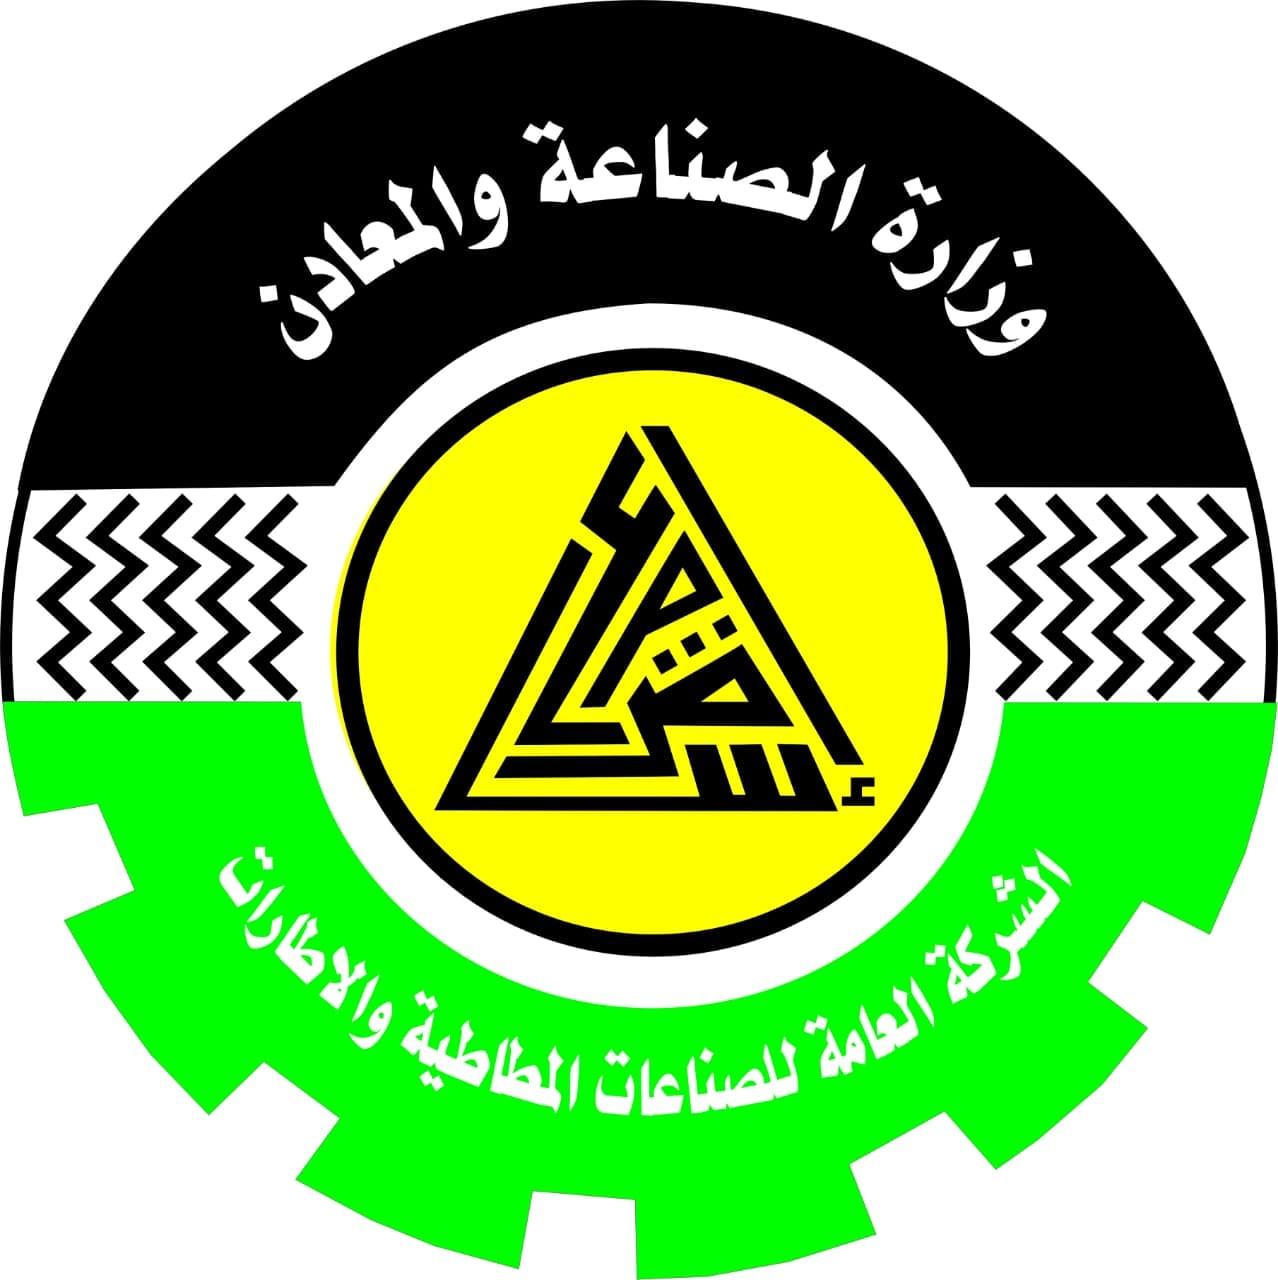 الشركة العامة للصناعات المطاطية والاطارات